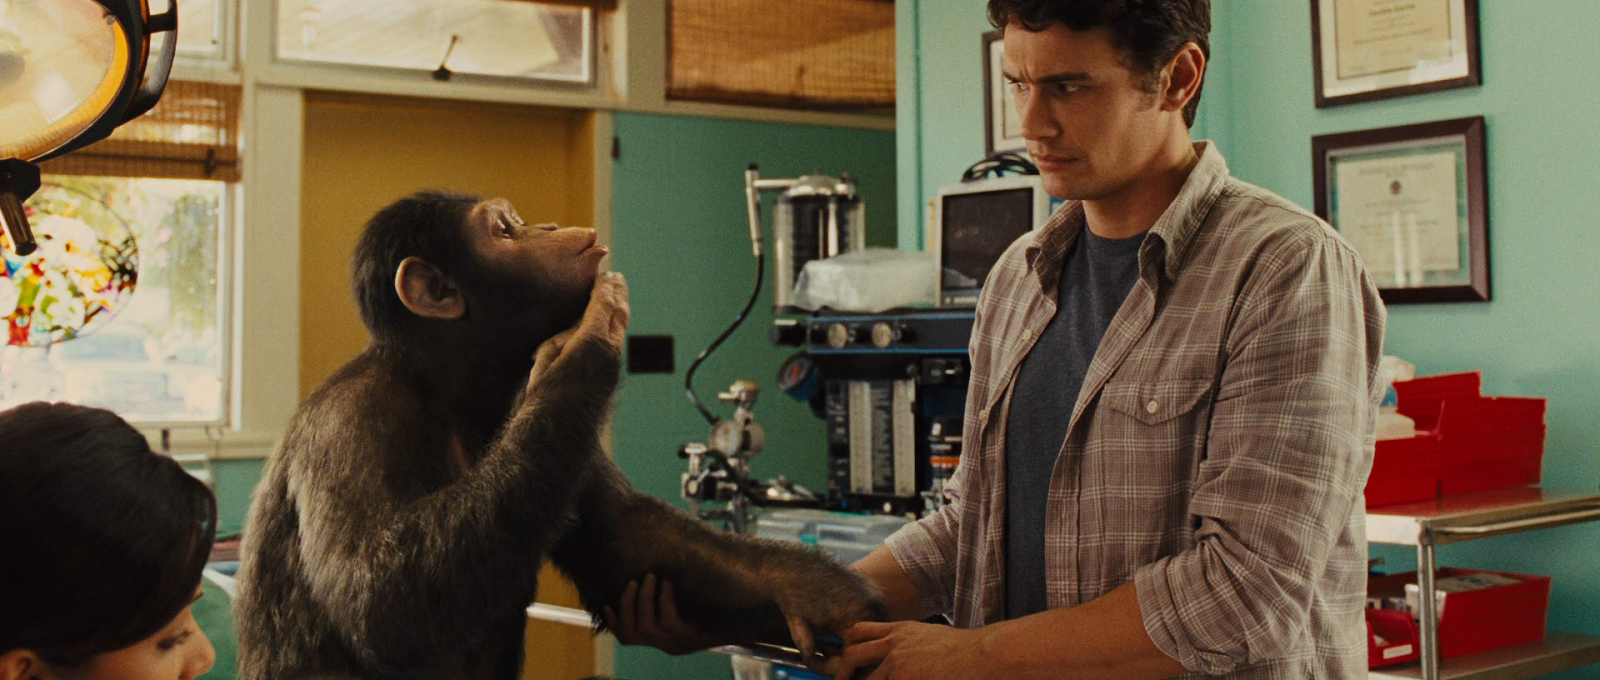 El Planeta de los Simios: (R)Evolución (2011) BRRip 1080p Latino - Ingles captura 1